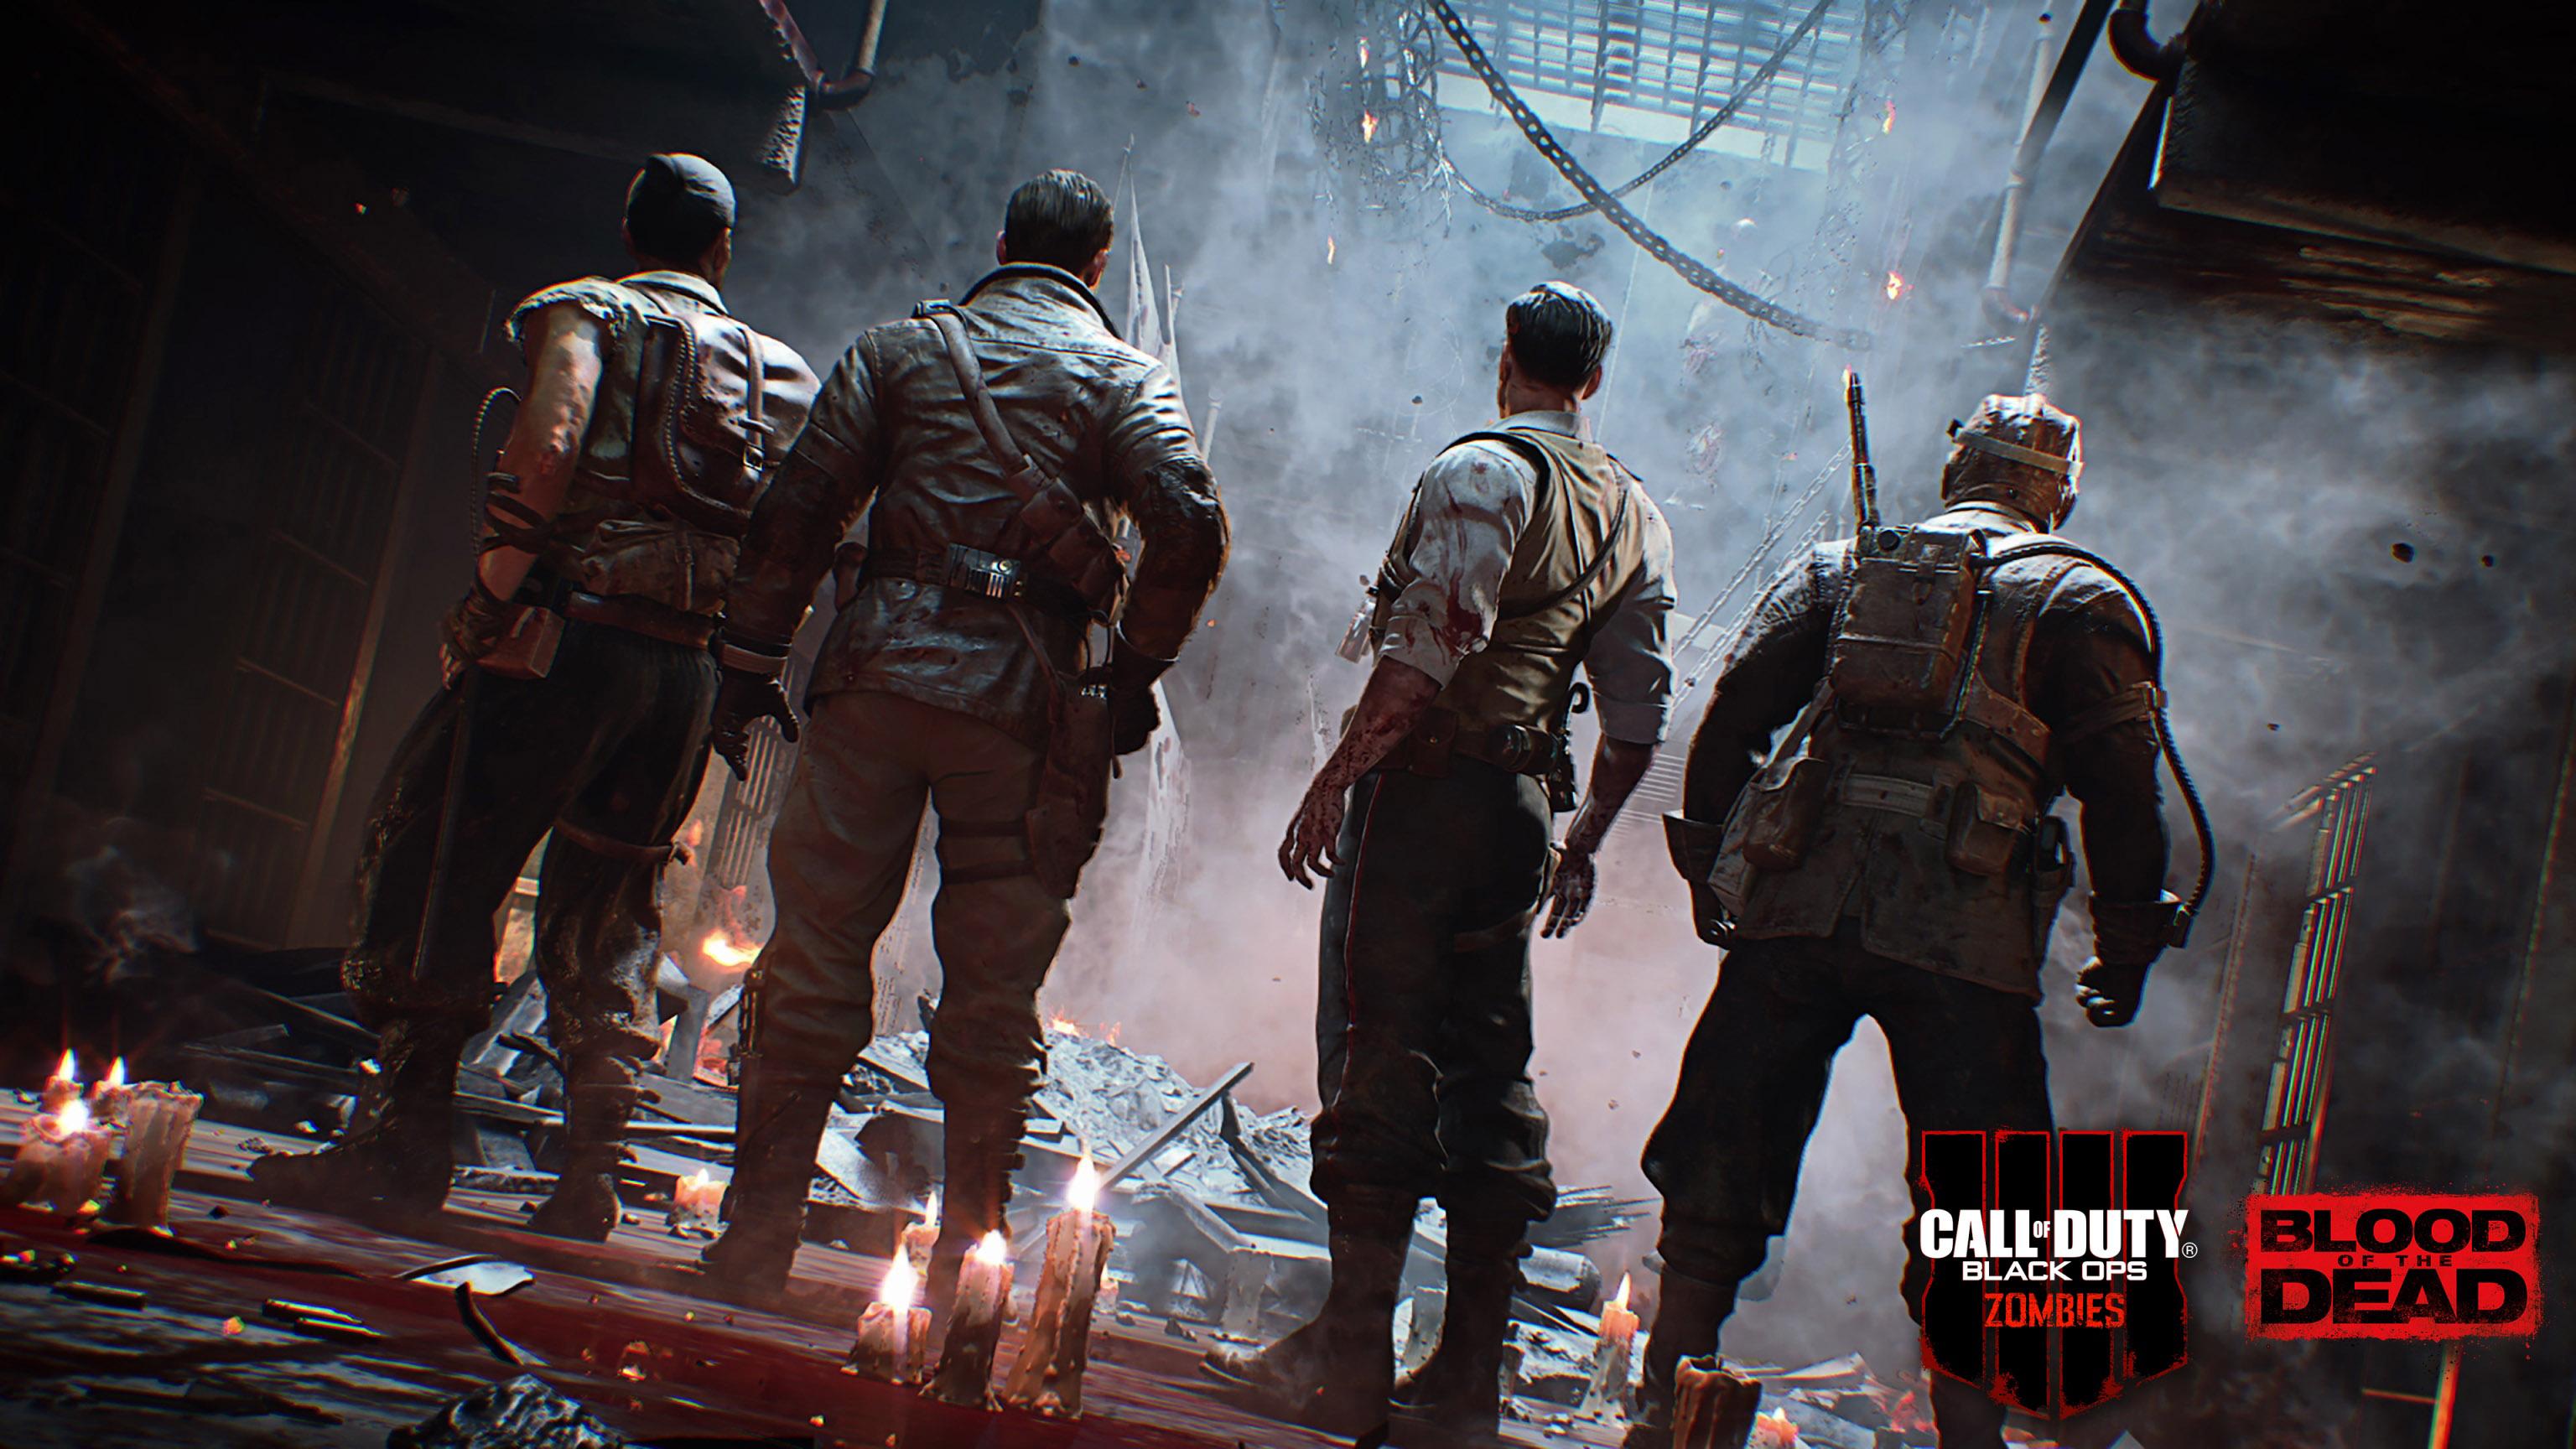 بالصور لقطات حصرية من لعبة Call Of Duty Black Ops 4 الجديدة كليا أريبيان بزنس